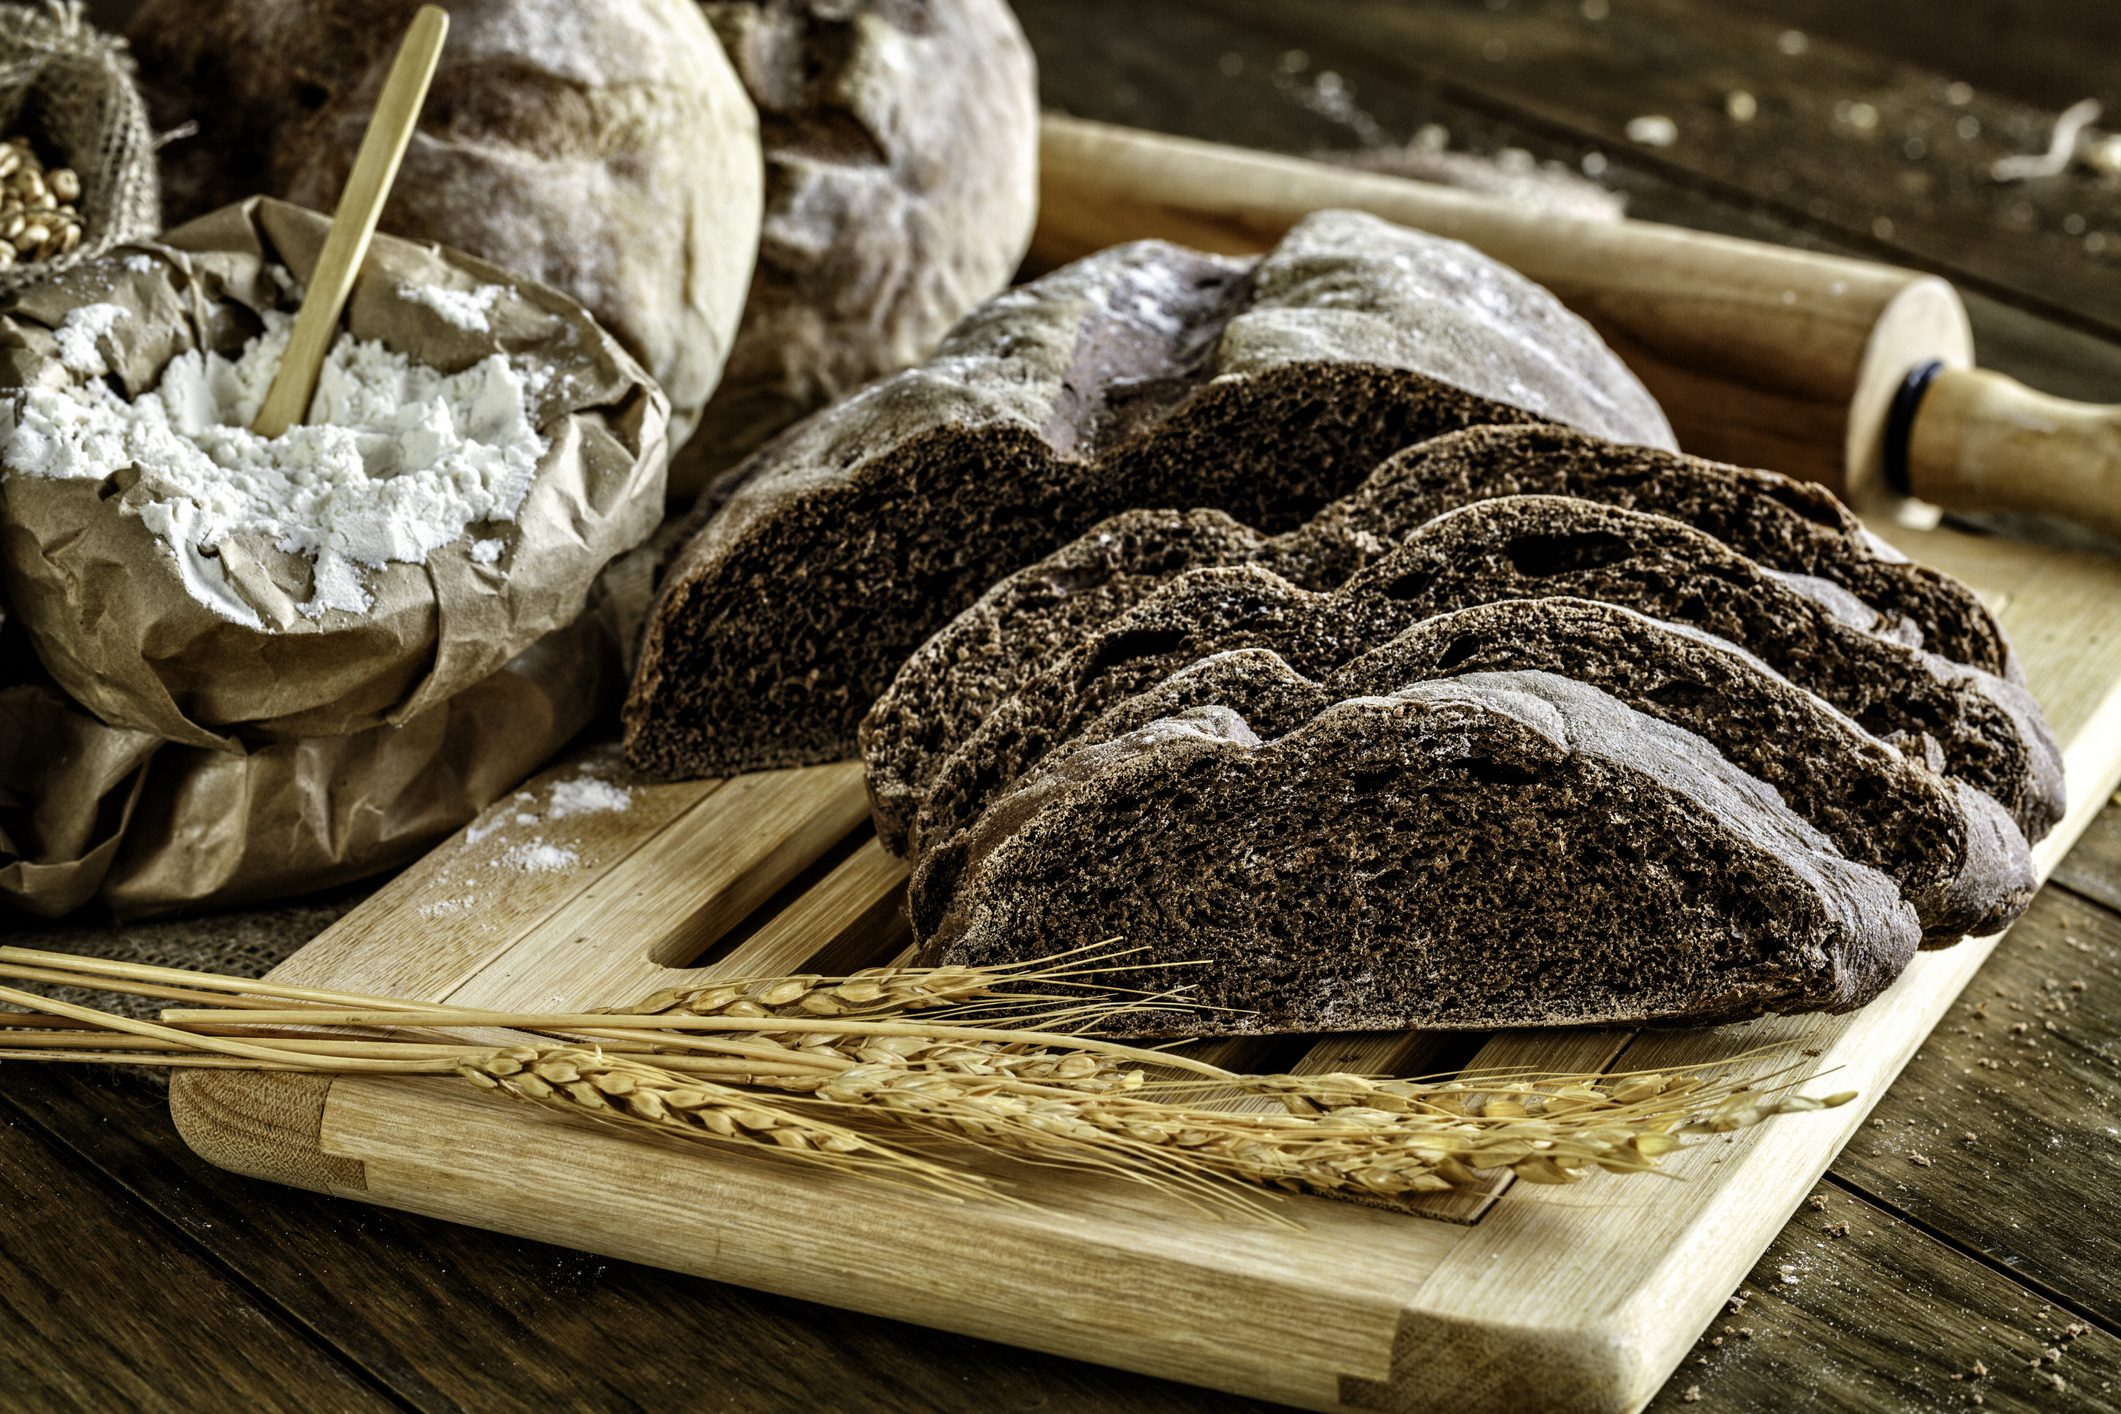 Il pane nero delle Alpi: la storia e i riti di un lievitato antico